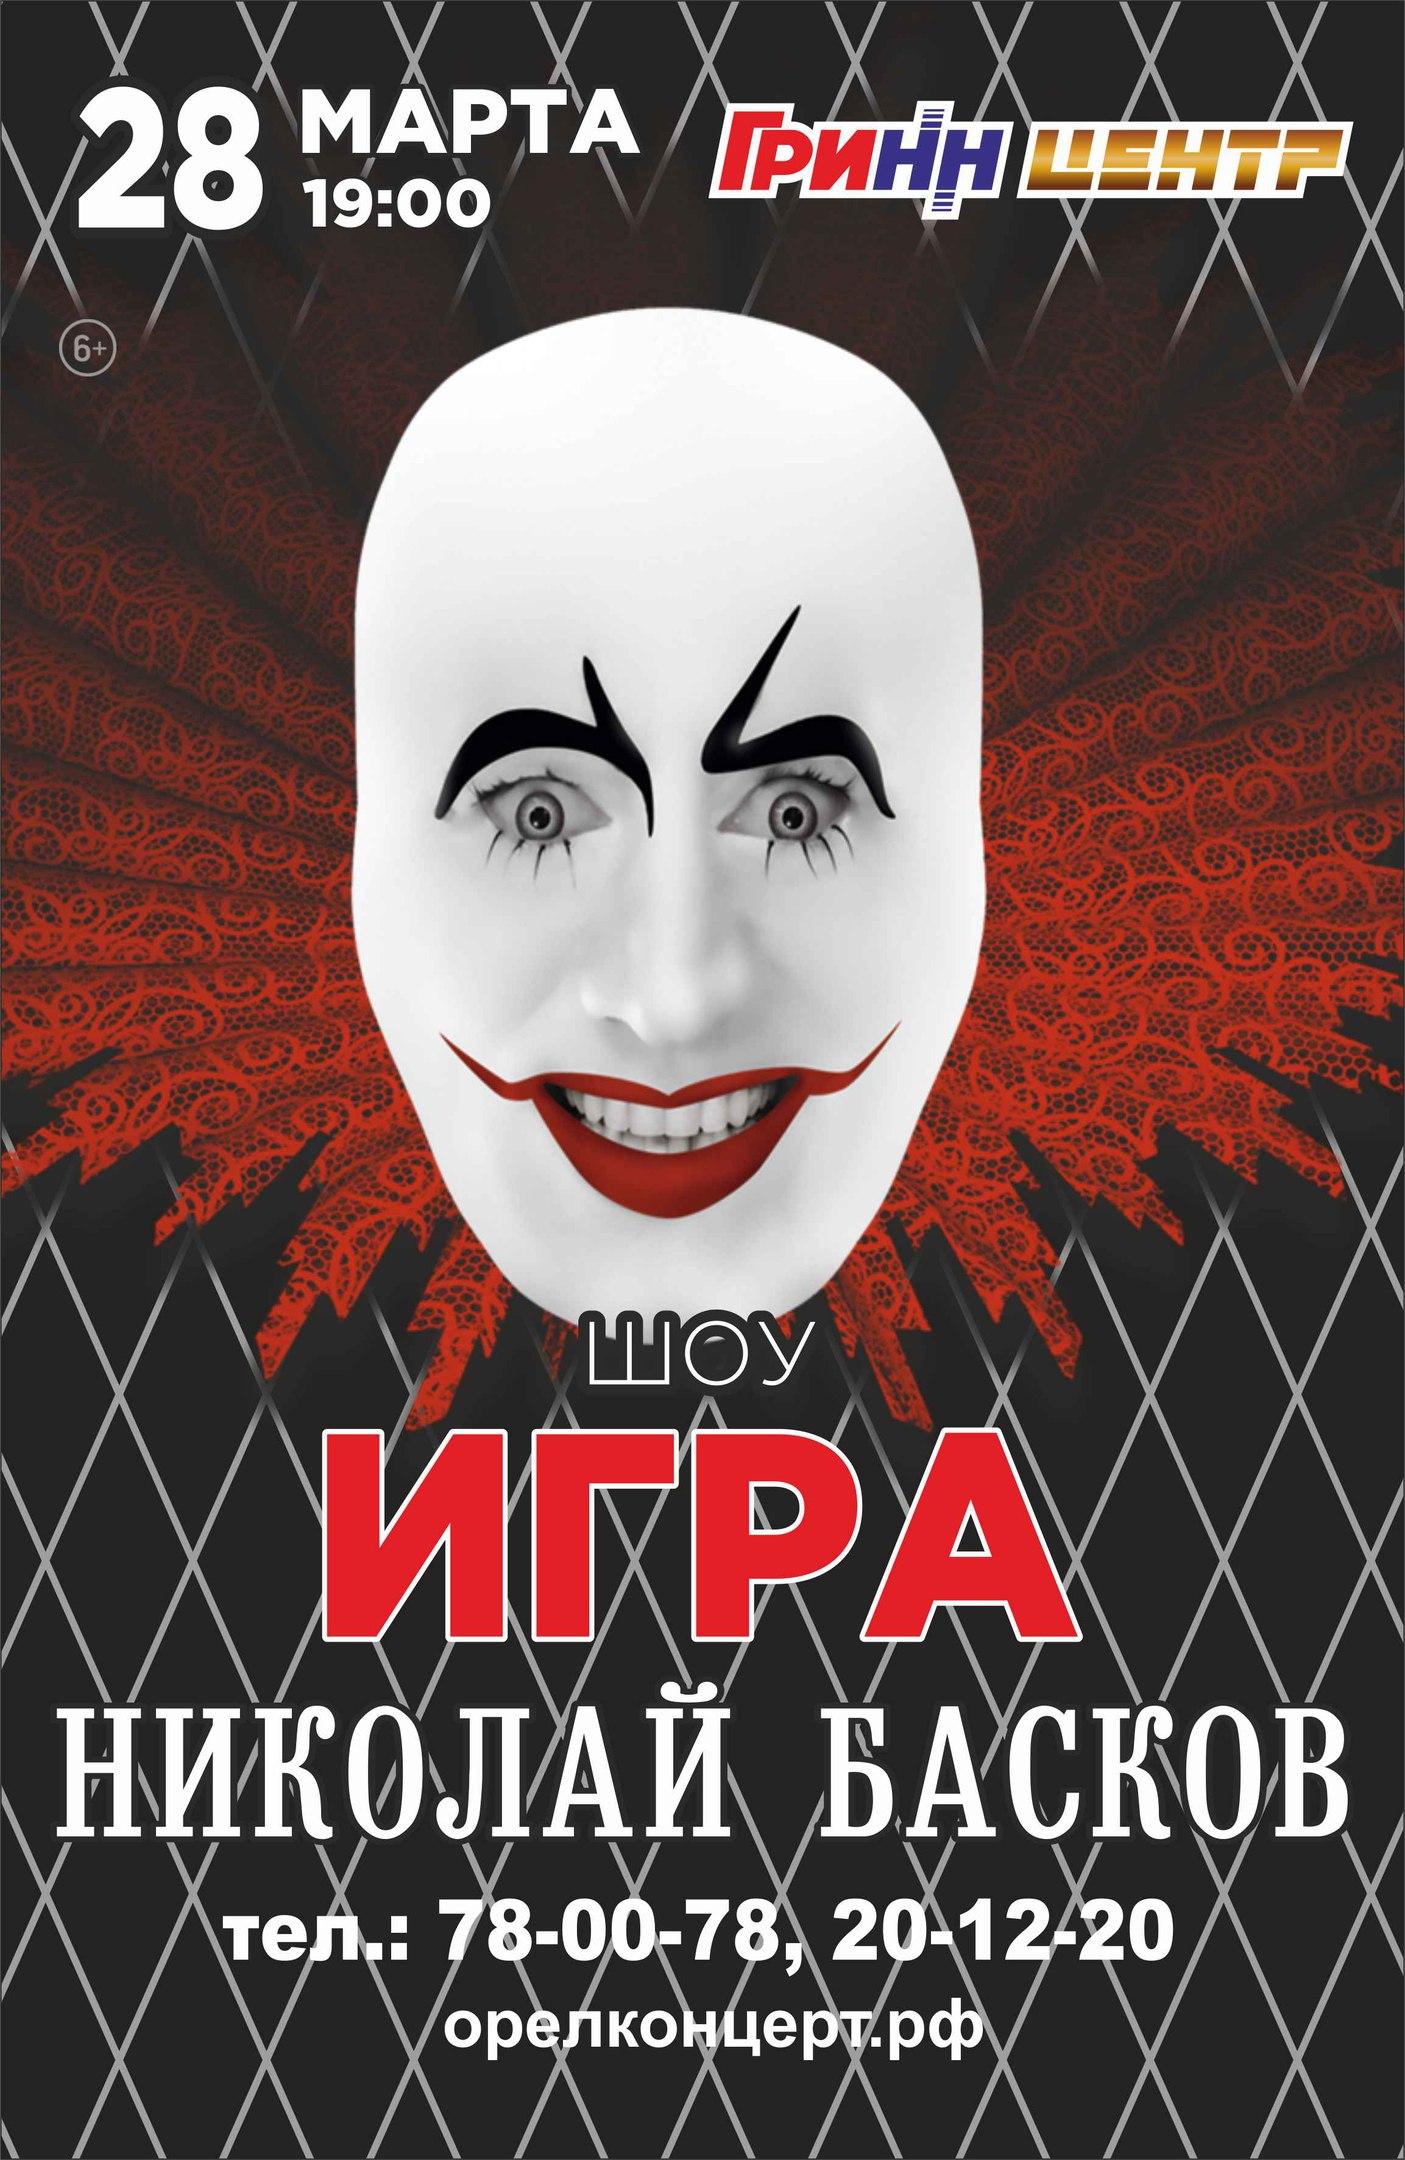 Николай Басков «Игра»